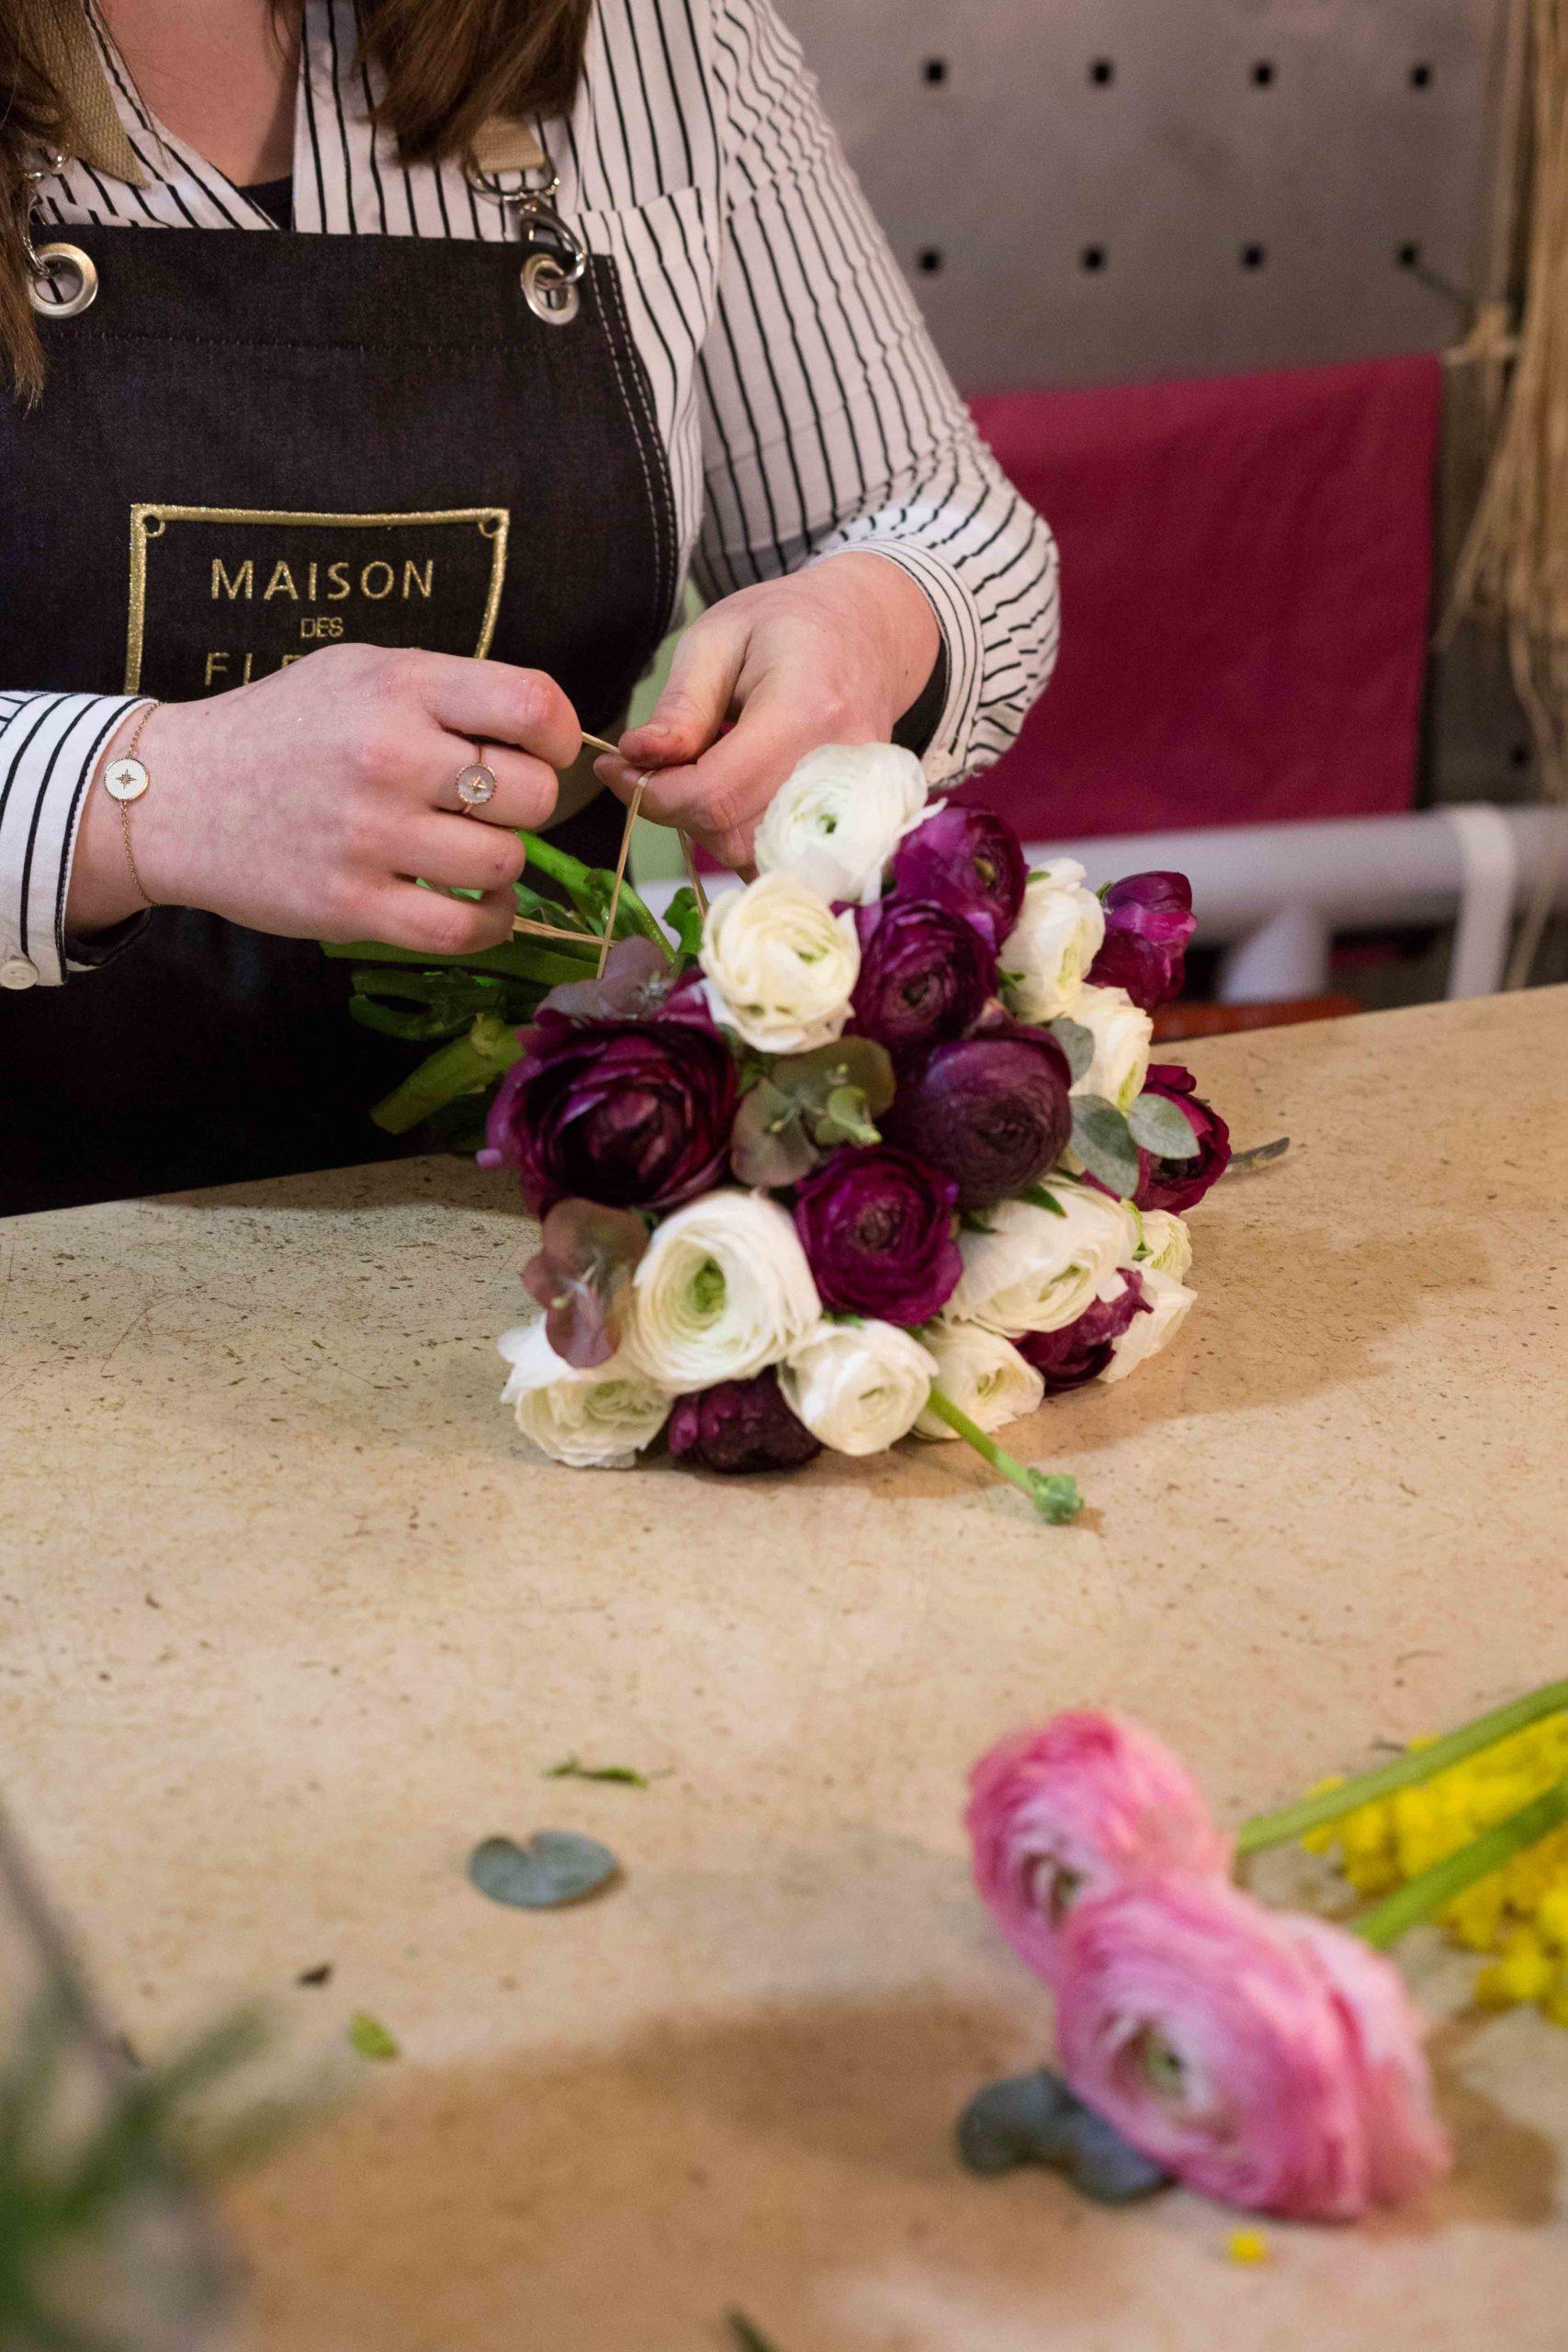 Confection-bouquet-paris-Maison-des-fleurs